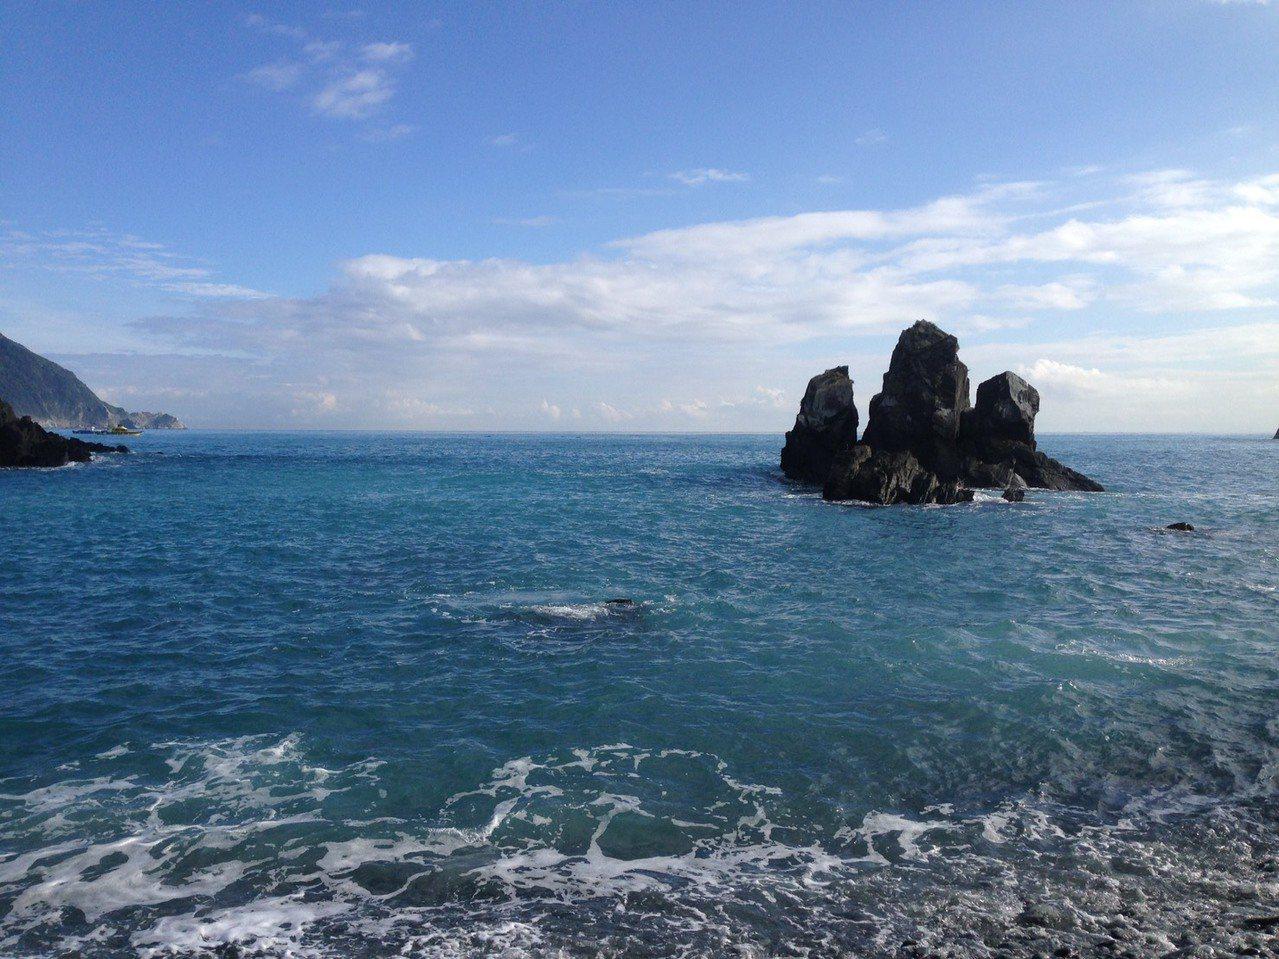 宜蘭版「下龍灣」 粉鳥林海灘秘境重新開放